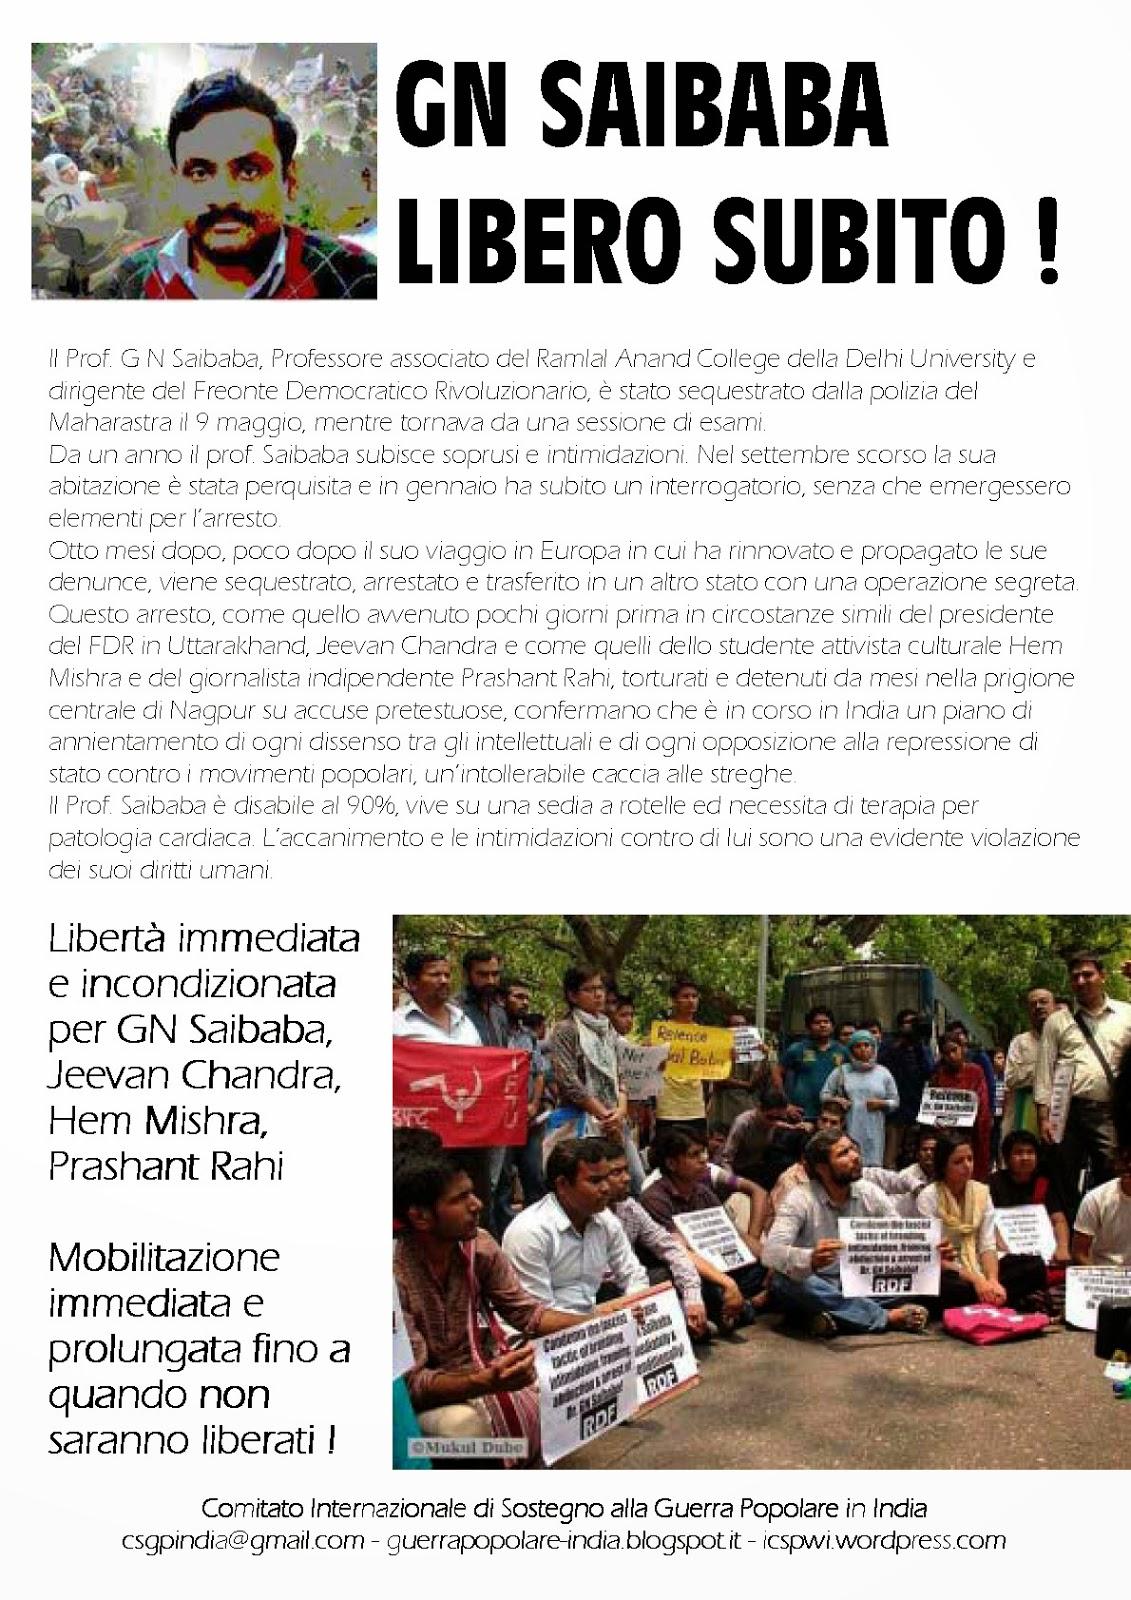 Proletari Comunisti Pc 11 Maggio Saibaba Libero